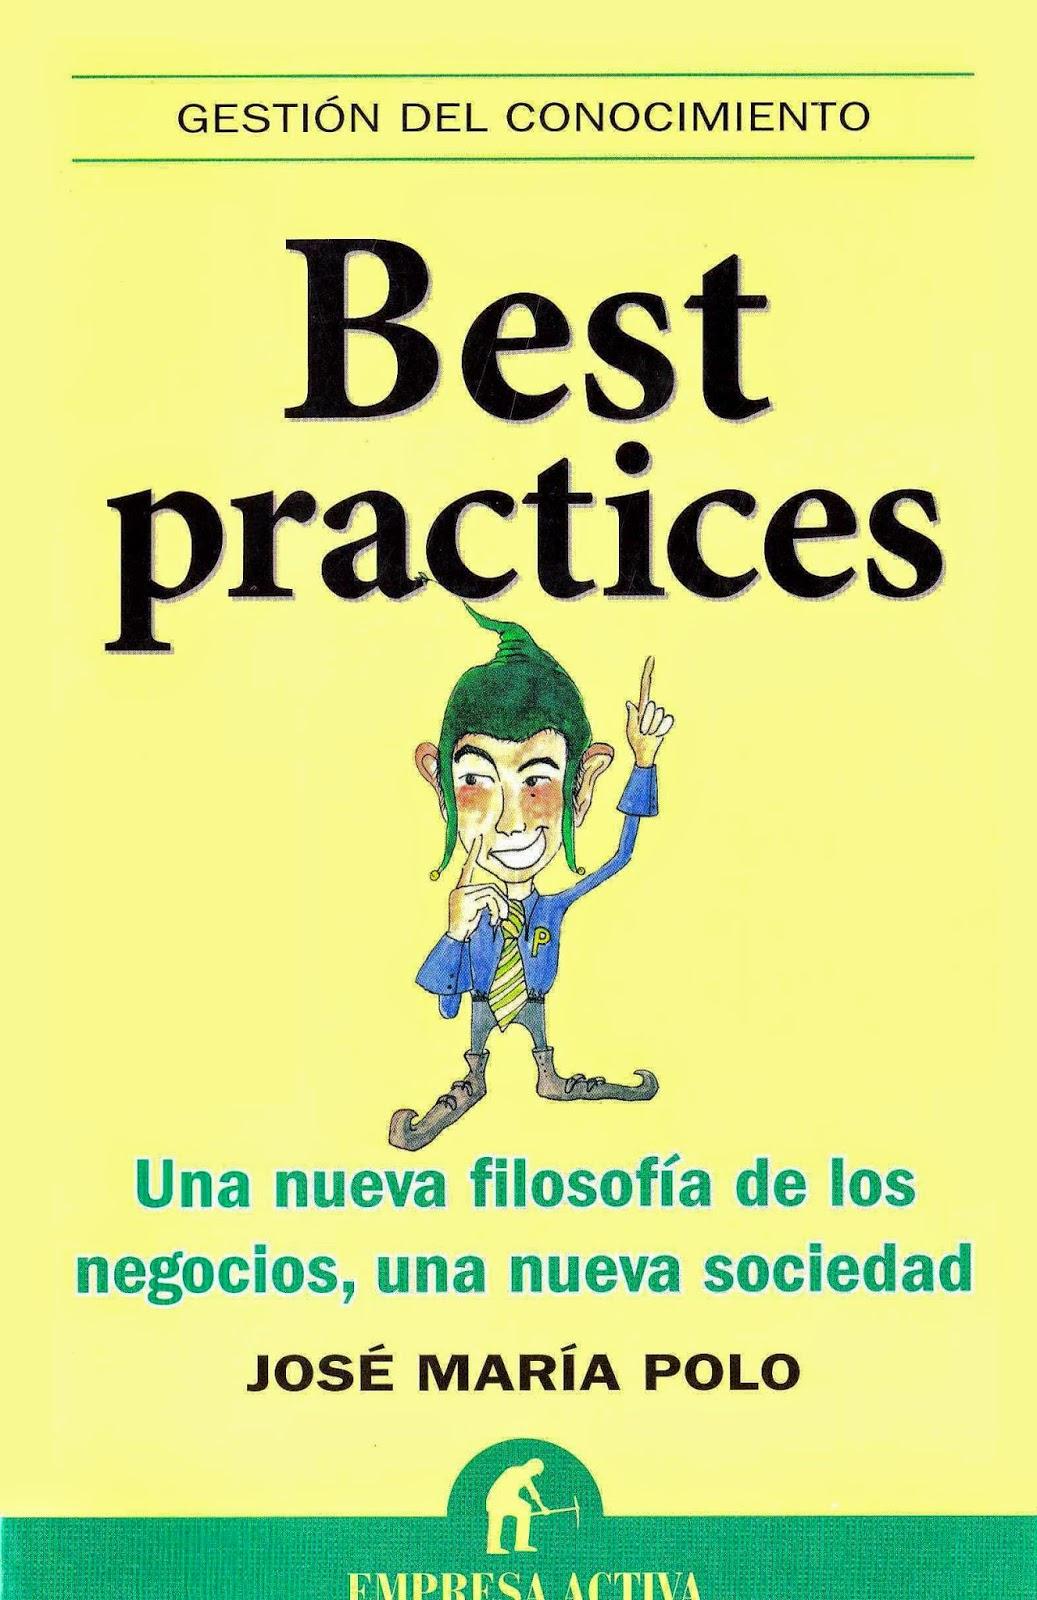 Best practices: Una nueva filosofía de los negocios, una nueva sociedad – José María Polo